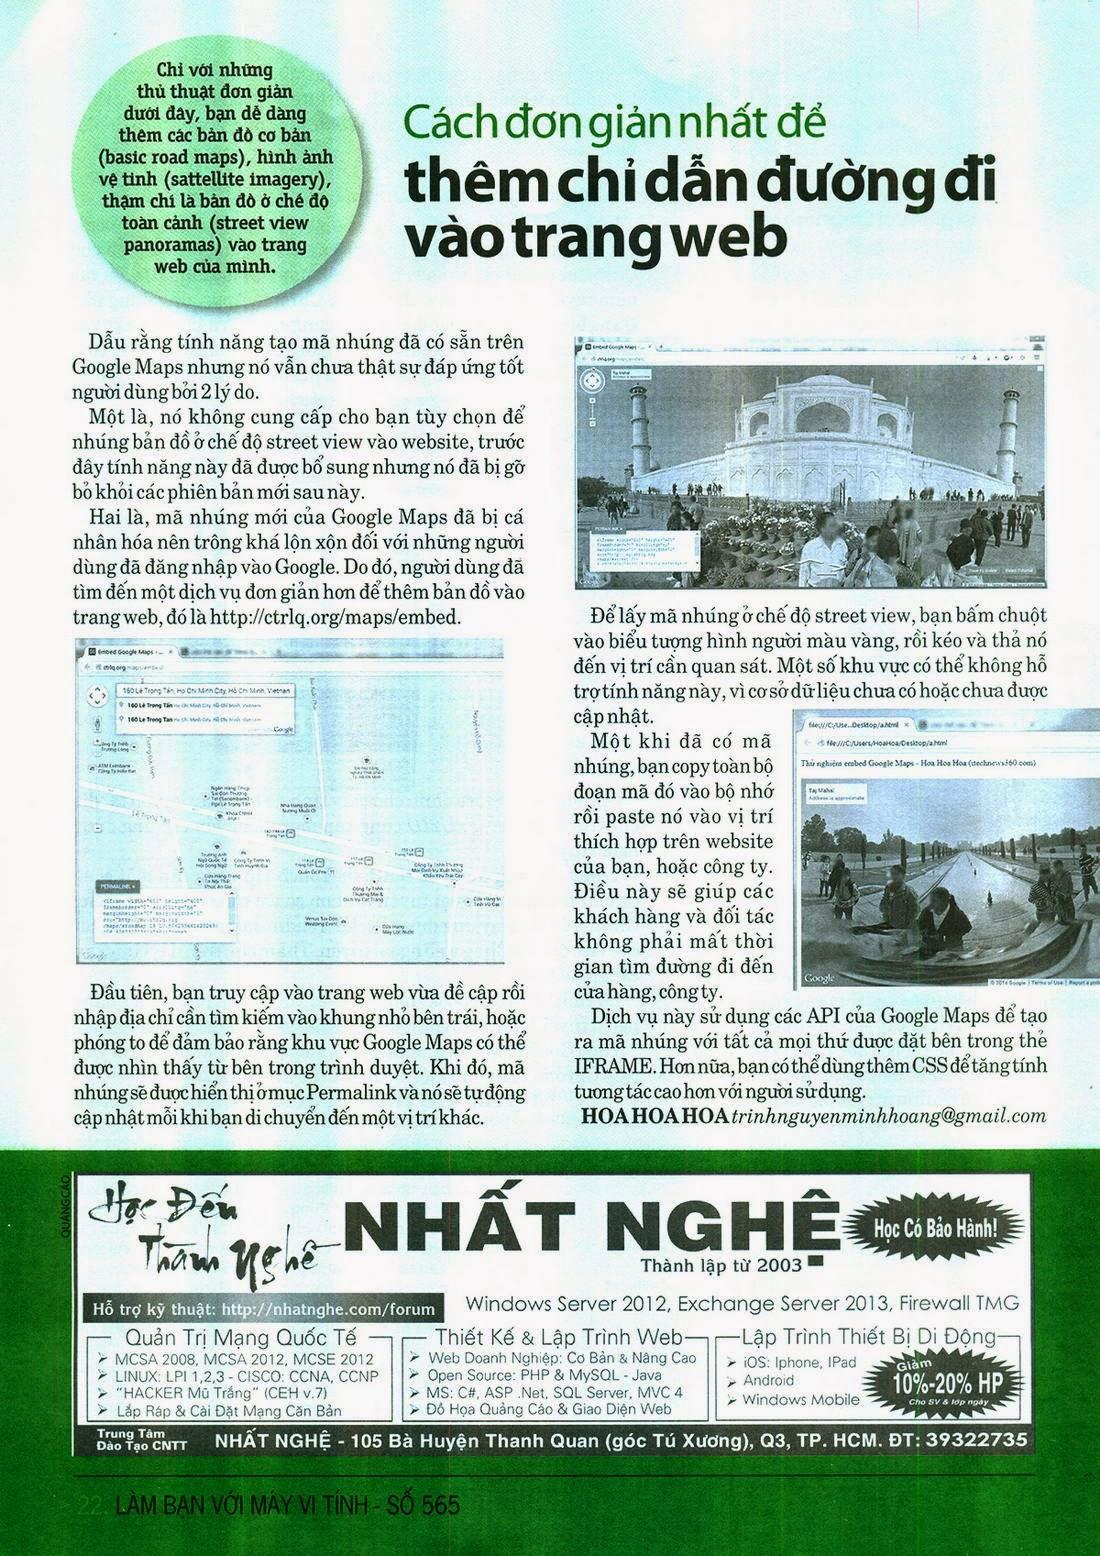 Lam Ban Voi May Vi Tinh 565 - tapchicntt.com